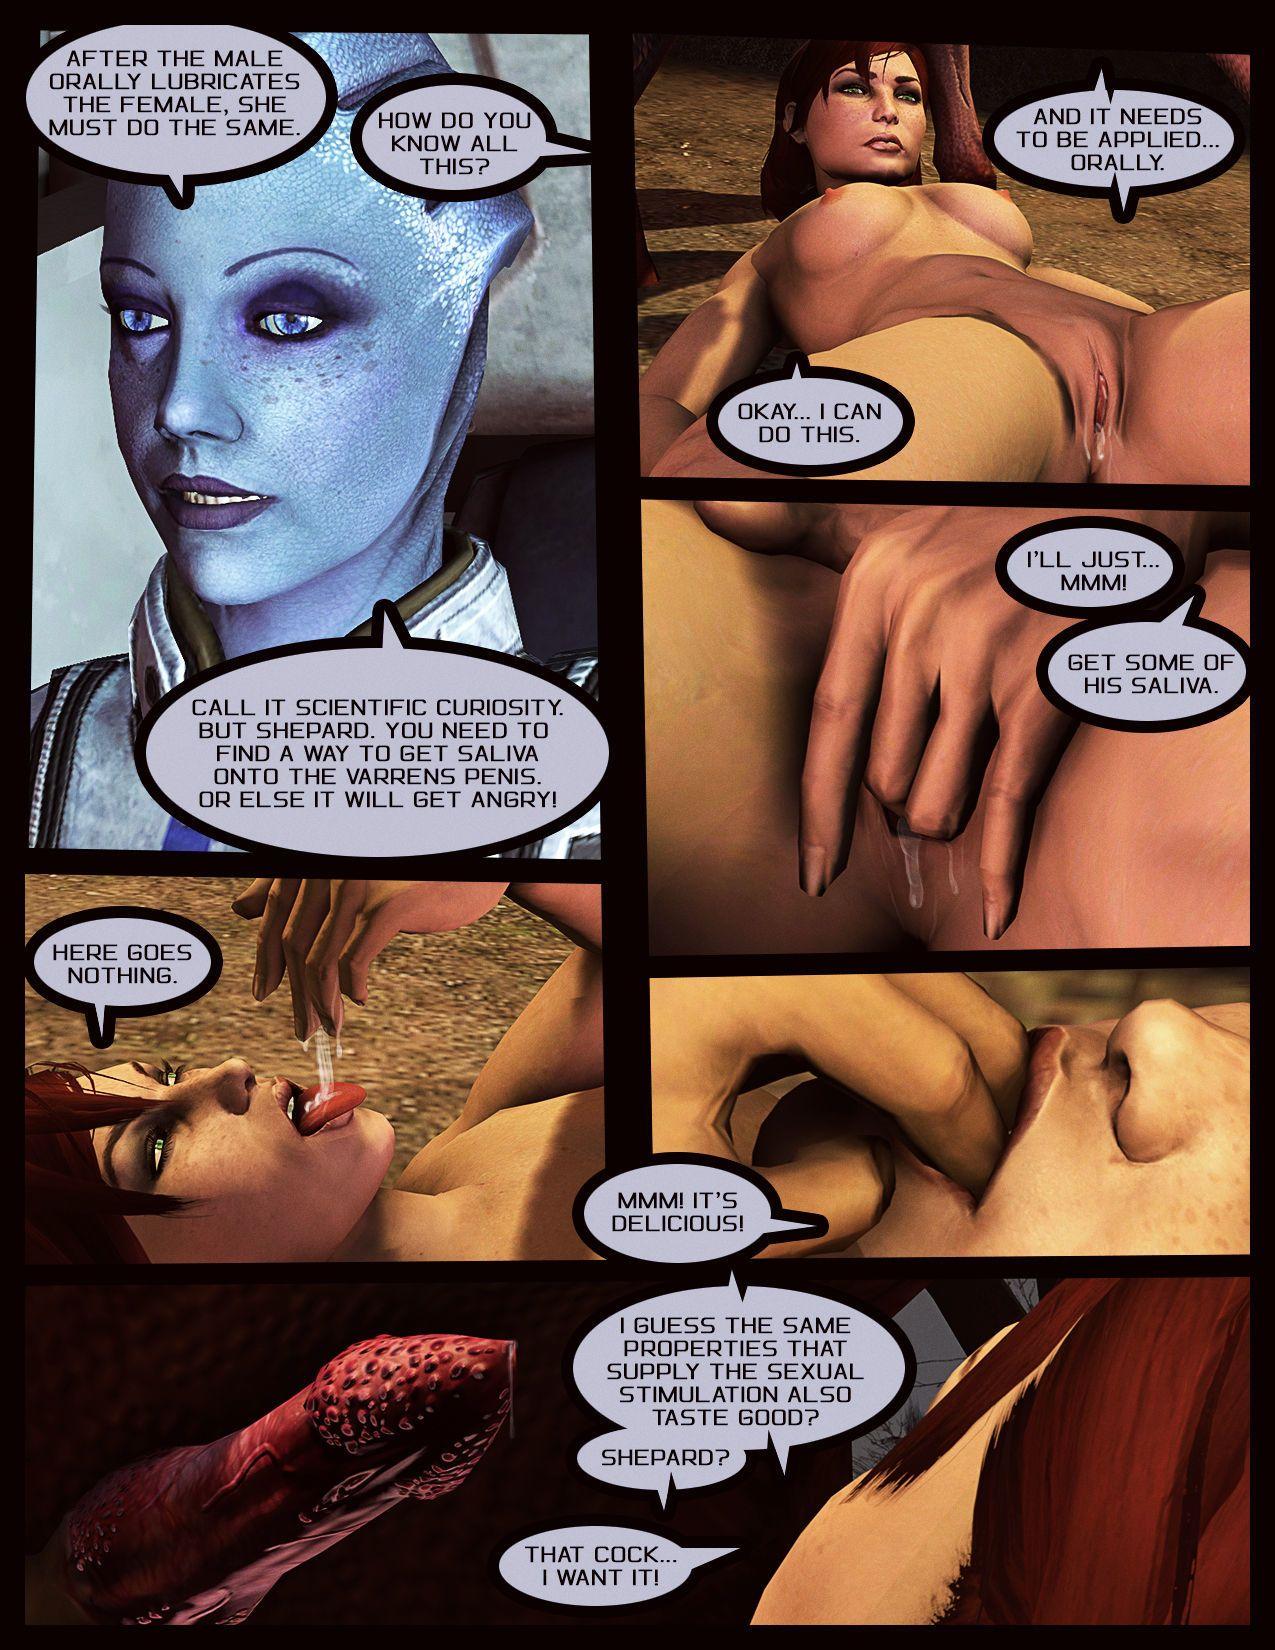 [Vaurra] Follow My Lead (Mass Effect)